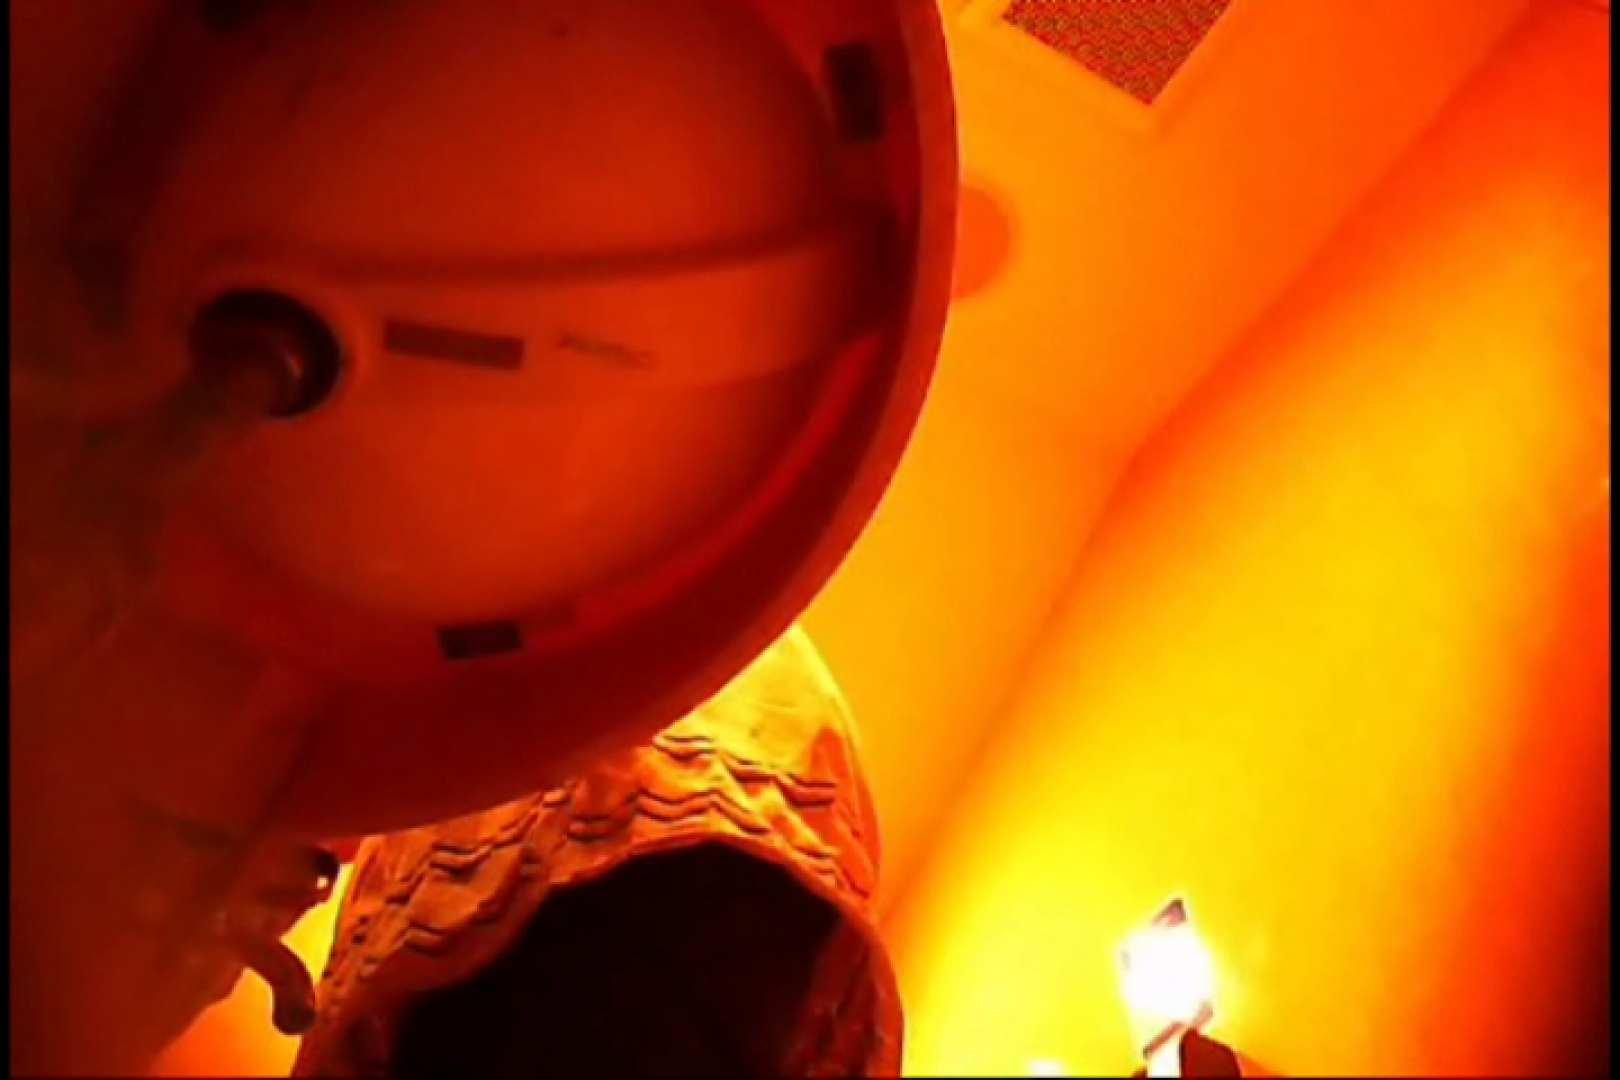 潜入!!女子化粧室盗撮~絶対見られたくない時間~vo,8 盗撮師作品 ヌード画像 106pic 106